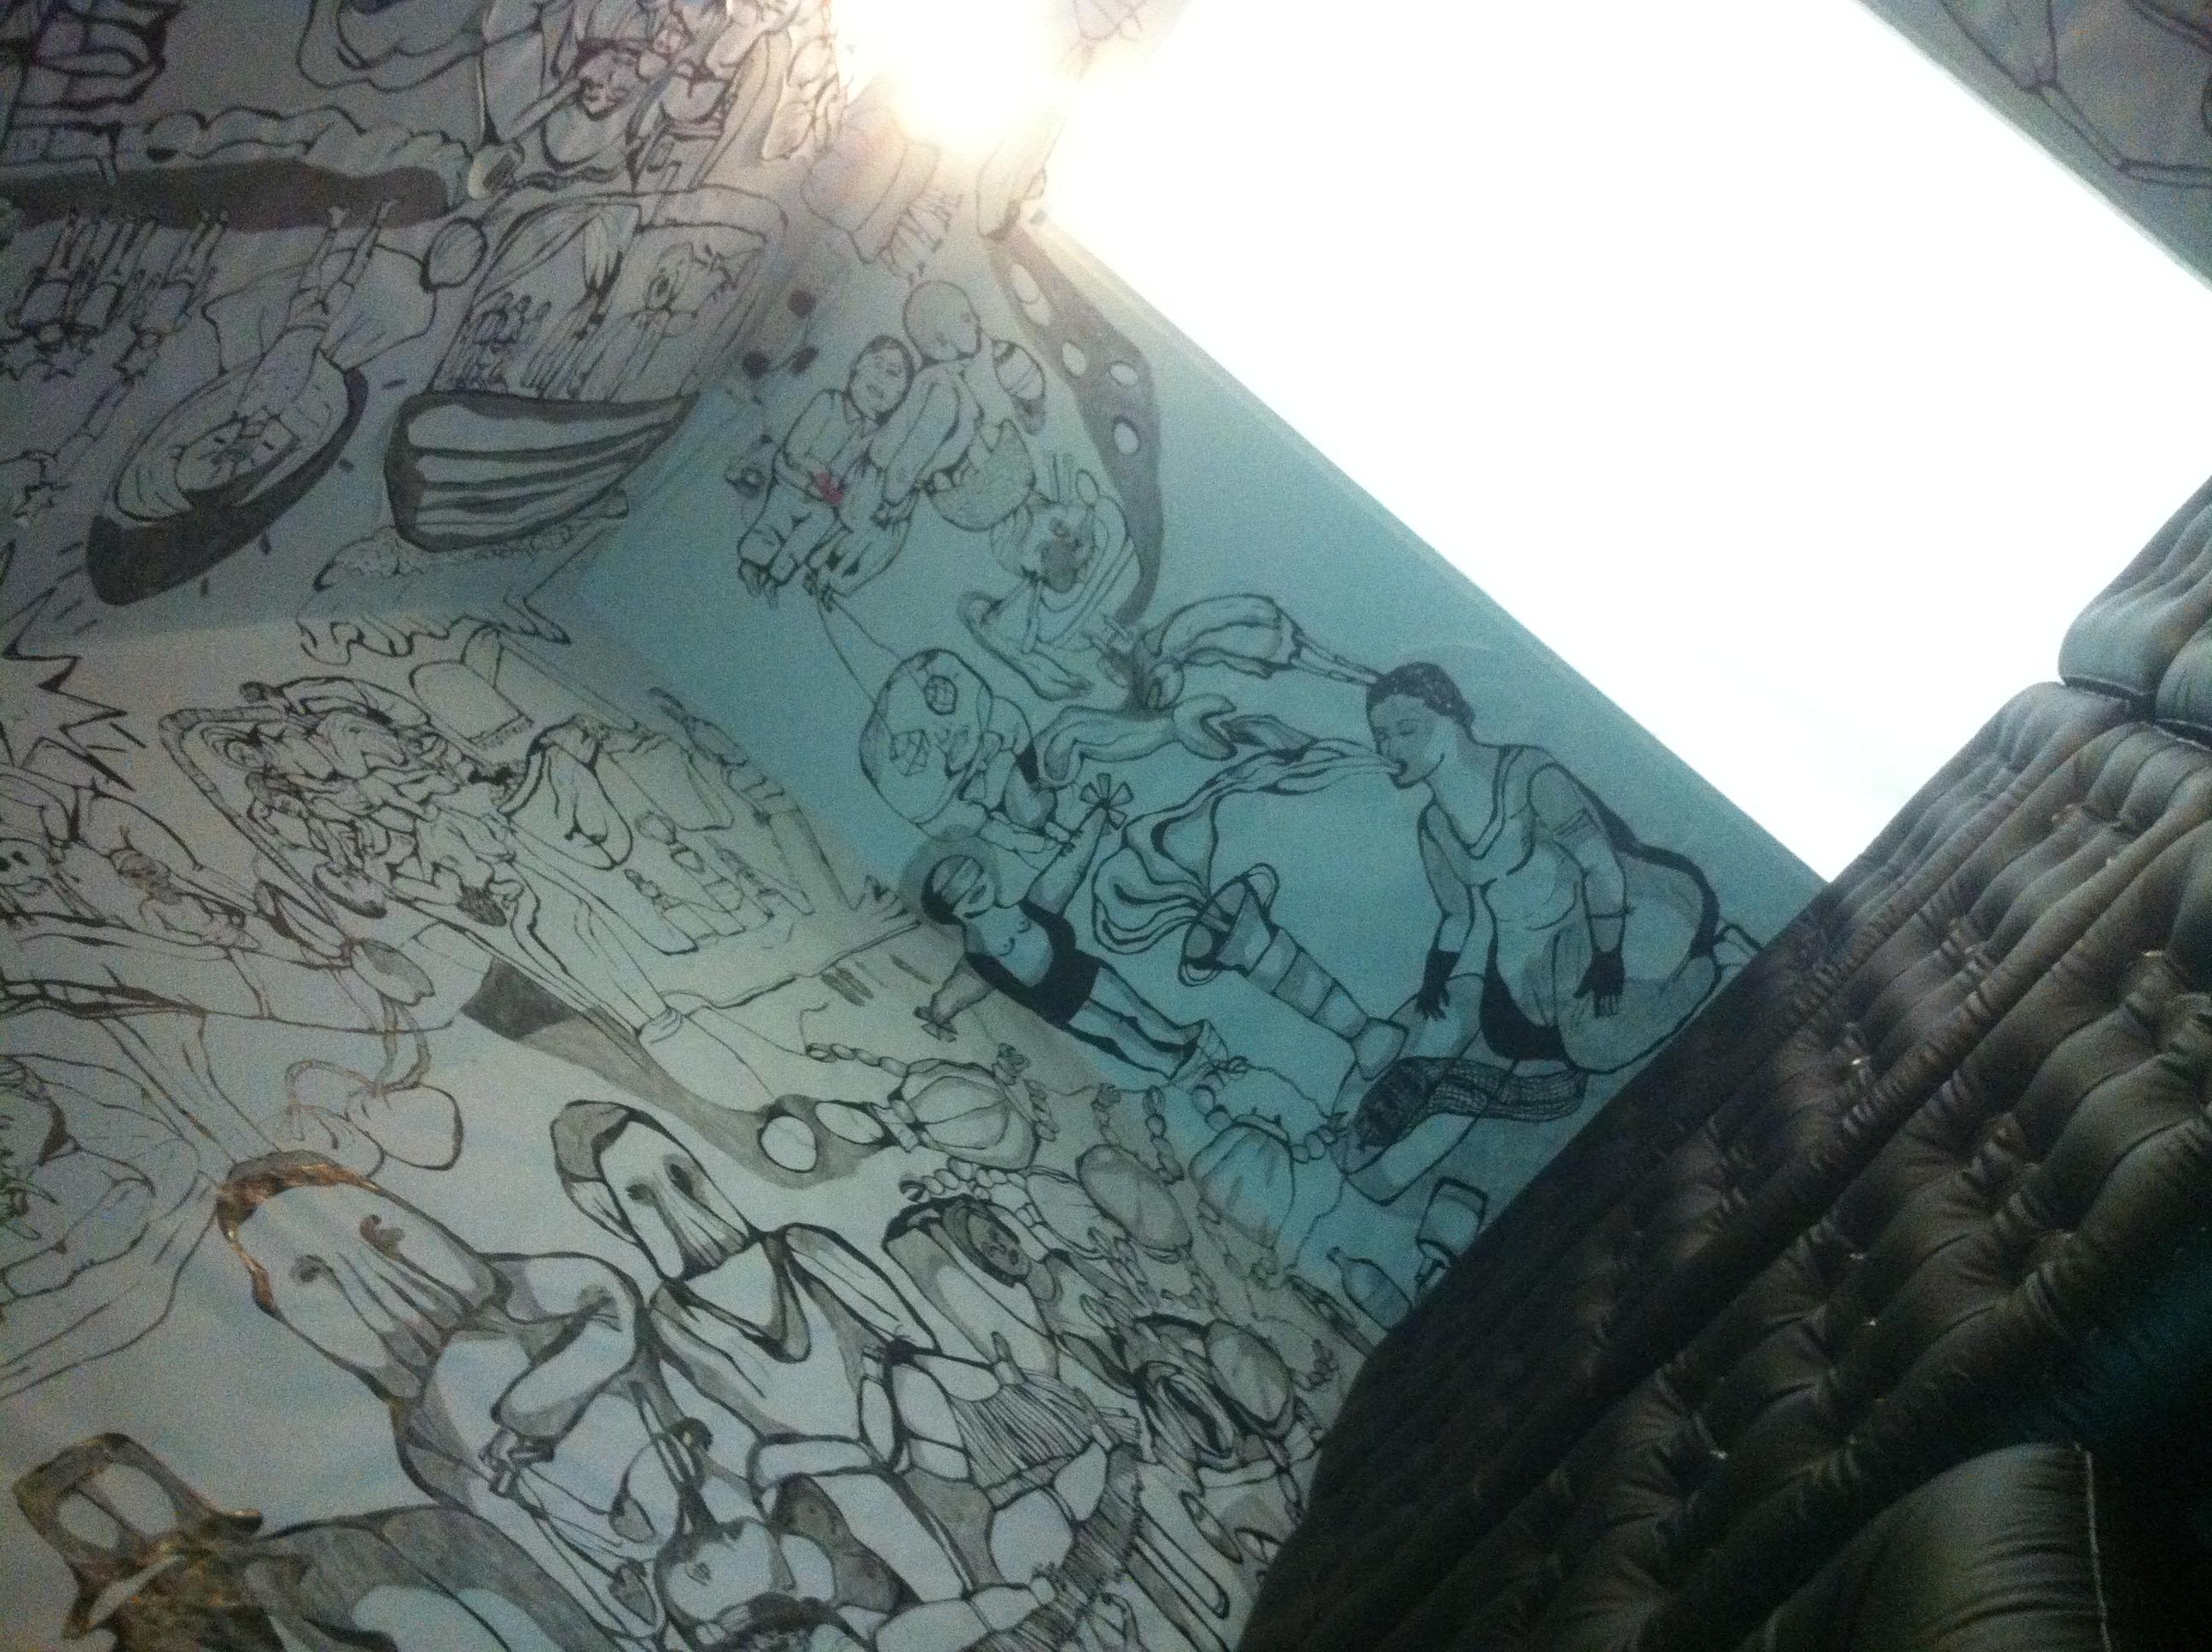 La pièce bande dessinée : pièce tapissée de matelas gonflables au sol, aux murs et plafond couverts d'une bande dessinée sans dialogues ni suite logique. A l'entrée de la pièce : « Please, remove your shoes » | Crédits photo -- Thibaut de Montbron